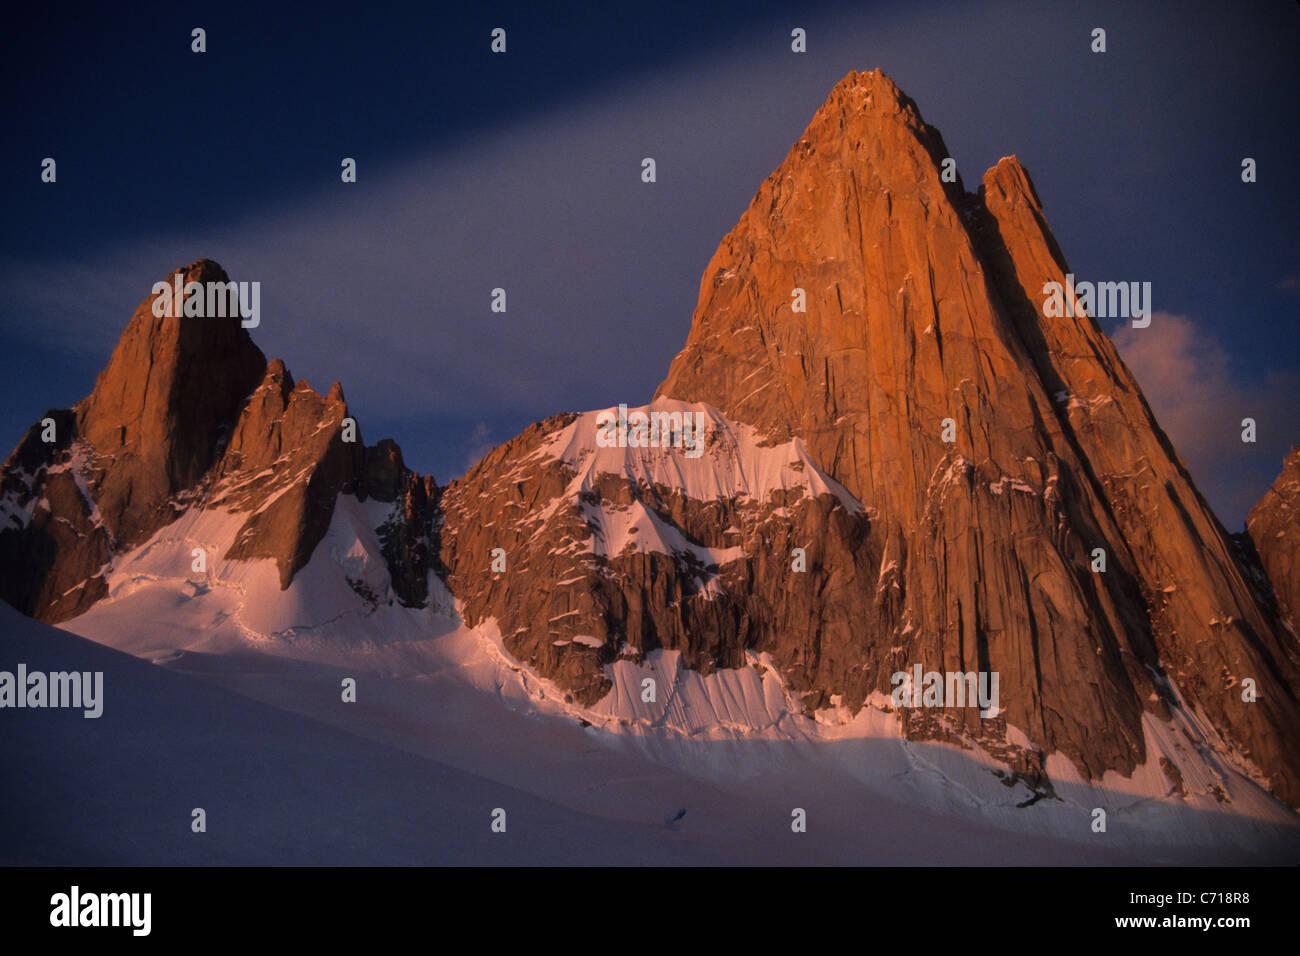 Sonnenaufgang am Mount Fitz Roy, El Chalten, Patagonien, Argentinien. Stockbild